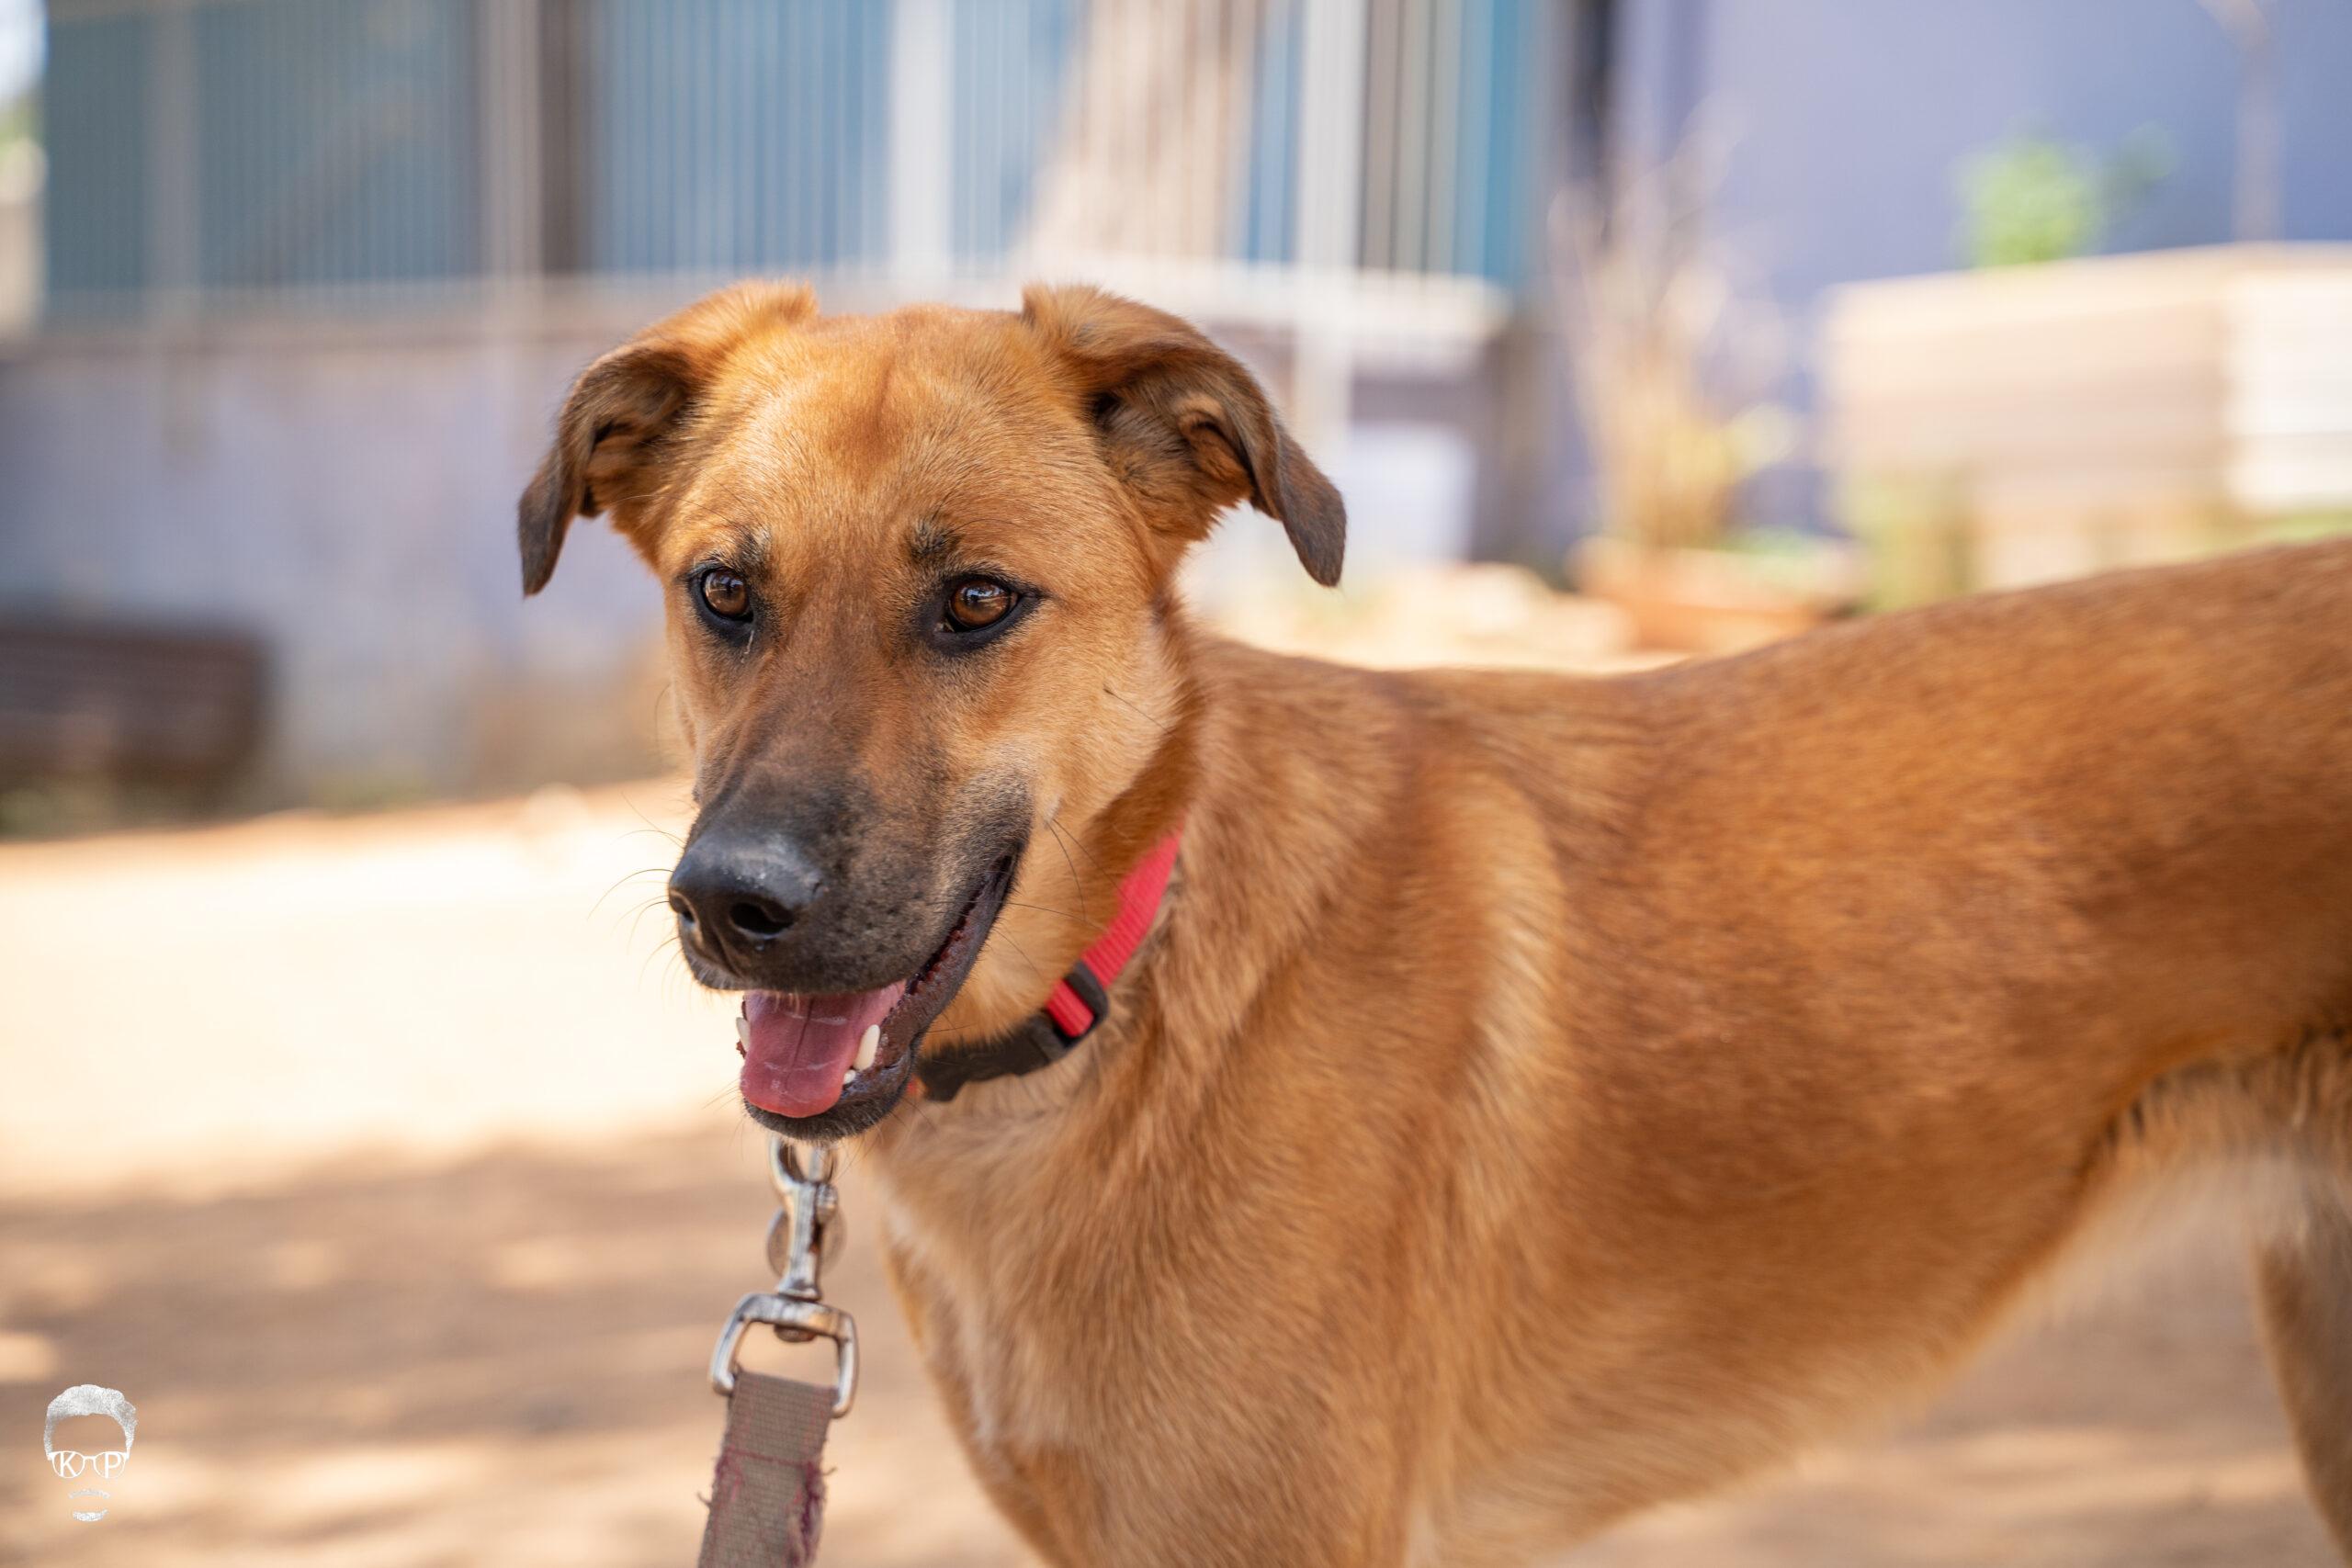 שיפקה- כלבה לאימוץ אגודת צער בעלי חיים בישראל